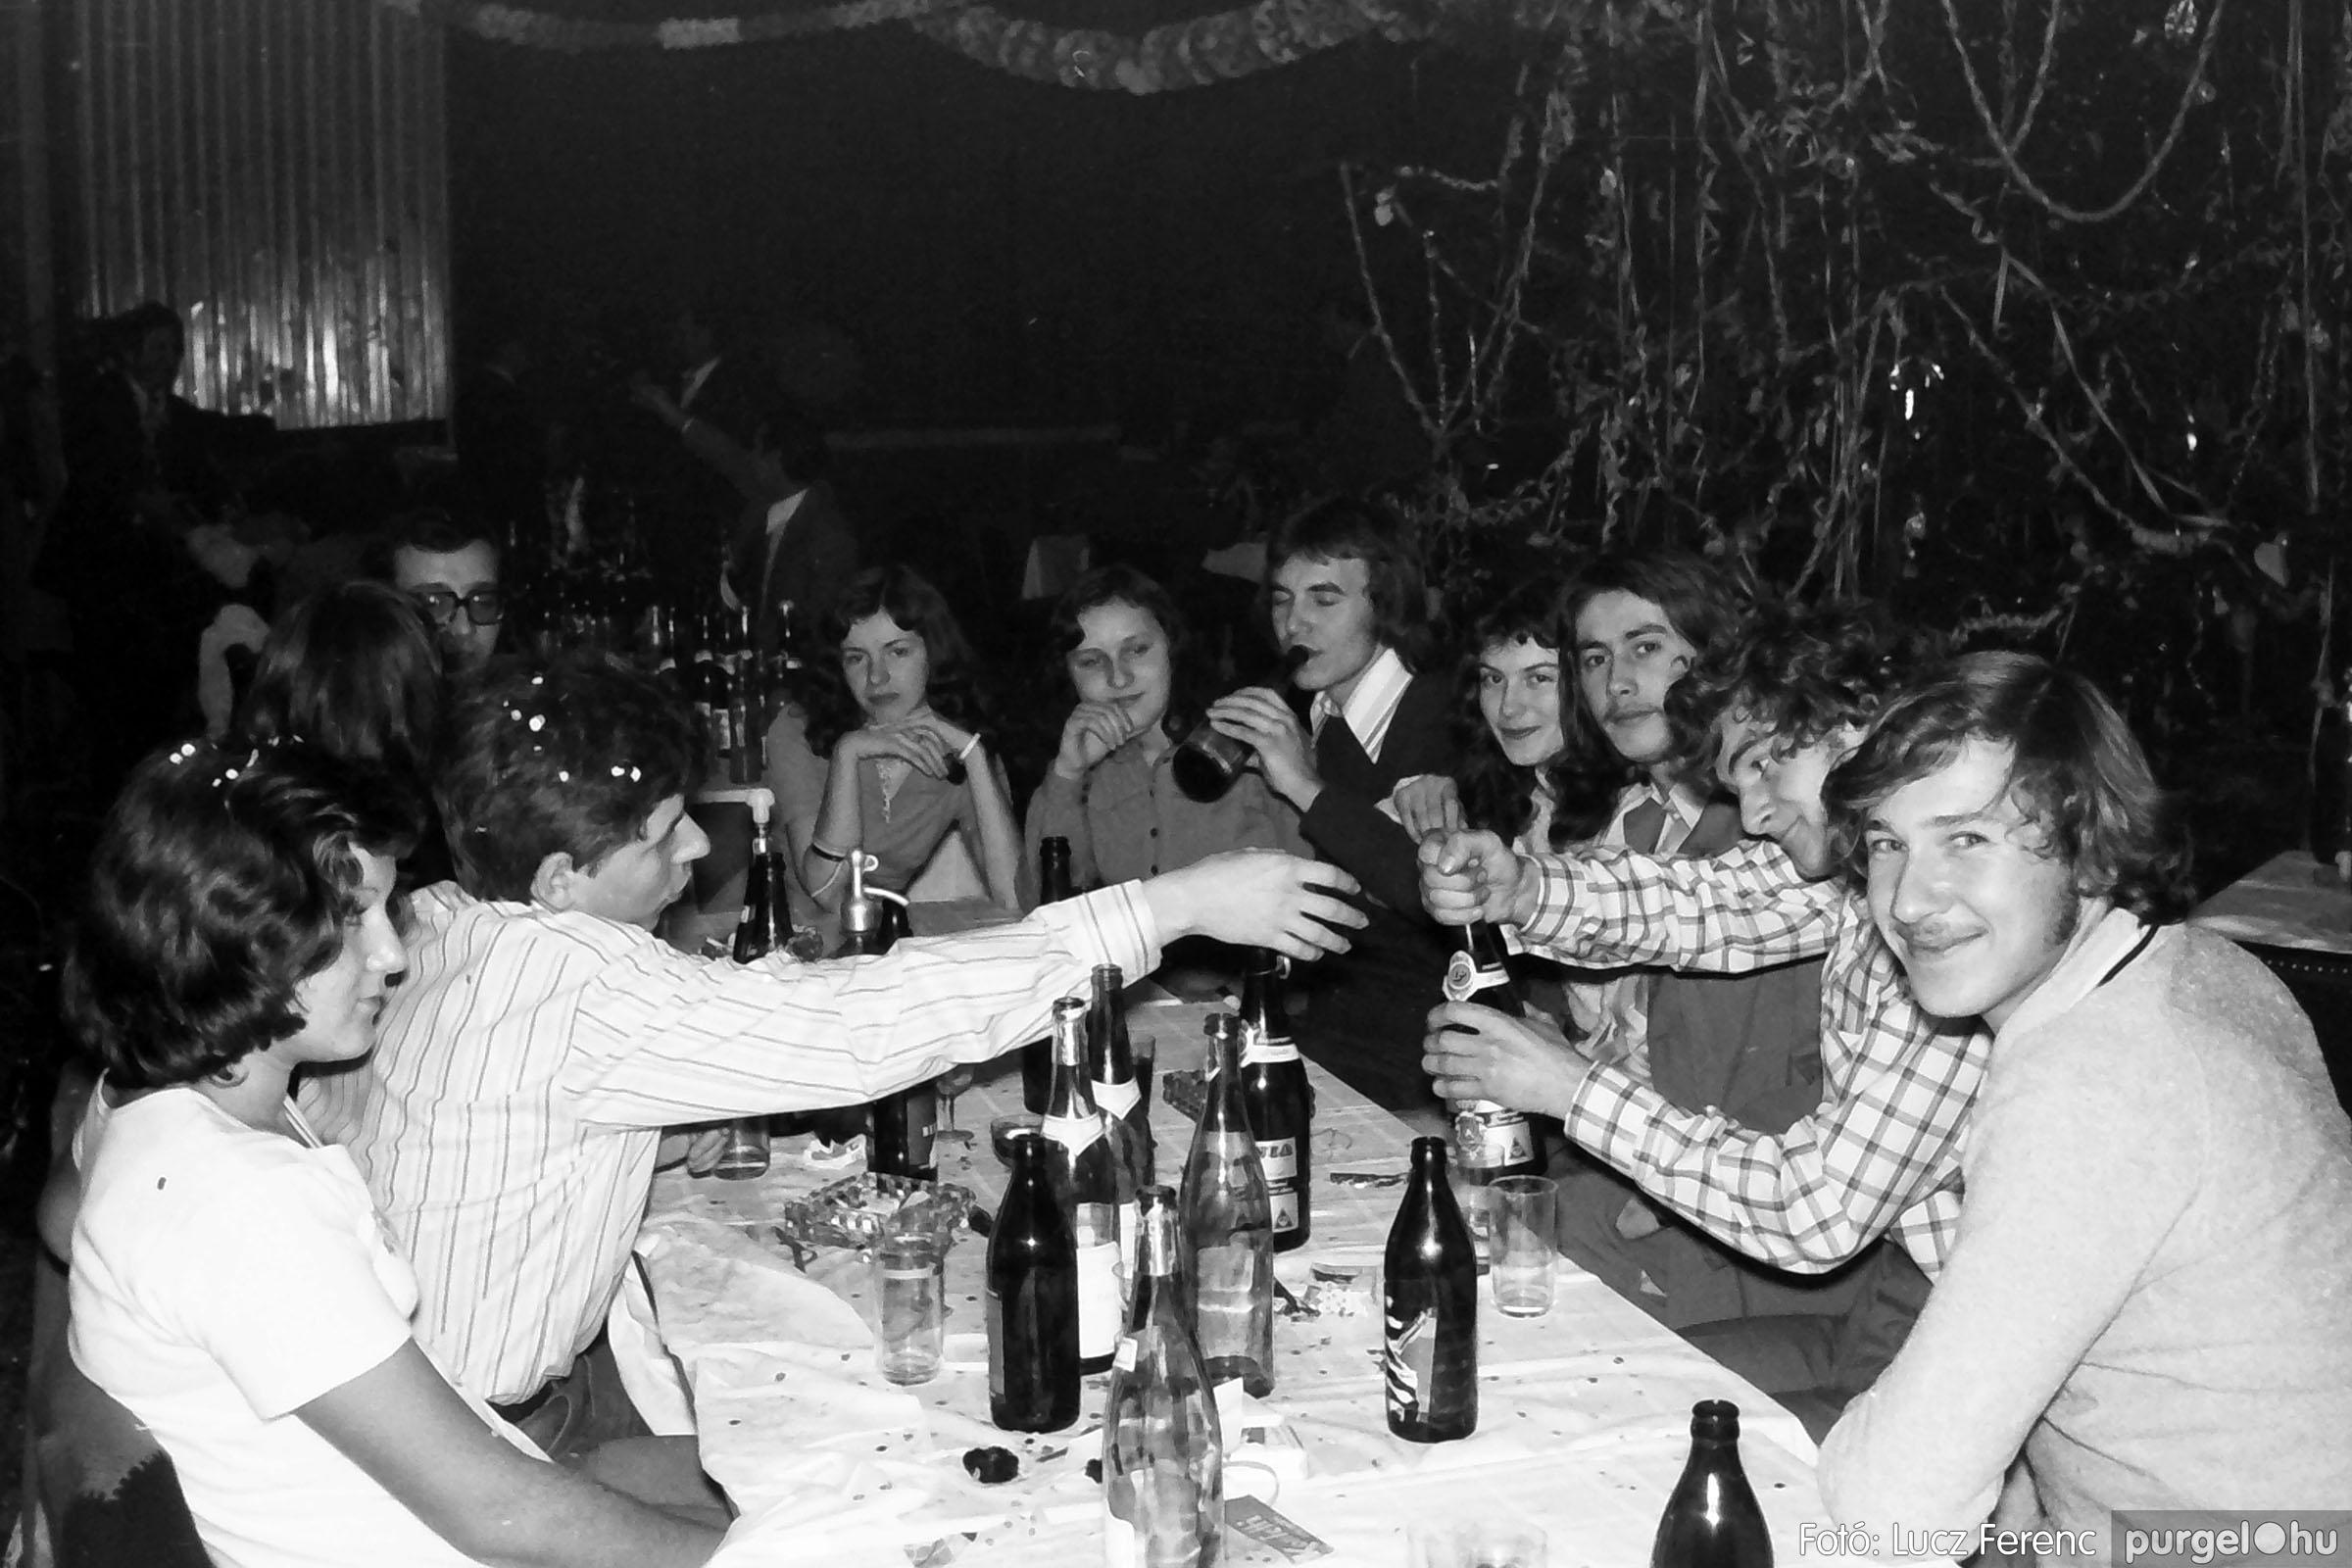 030. 1975.12.31. Szilveszter a kultúrházban 017 - Fotó: Lucz Ferenc.jpg